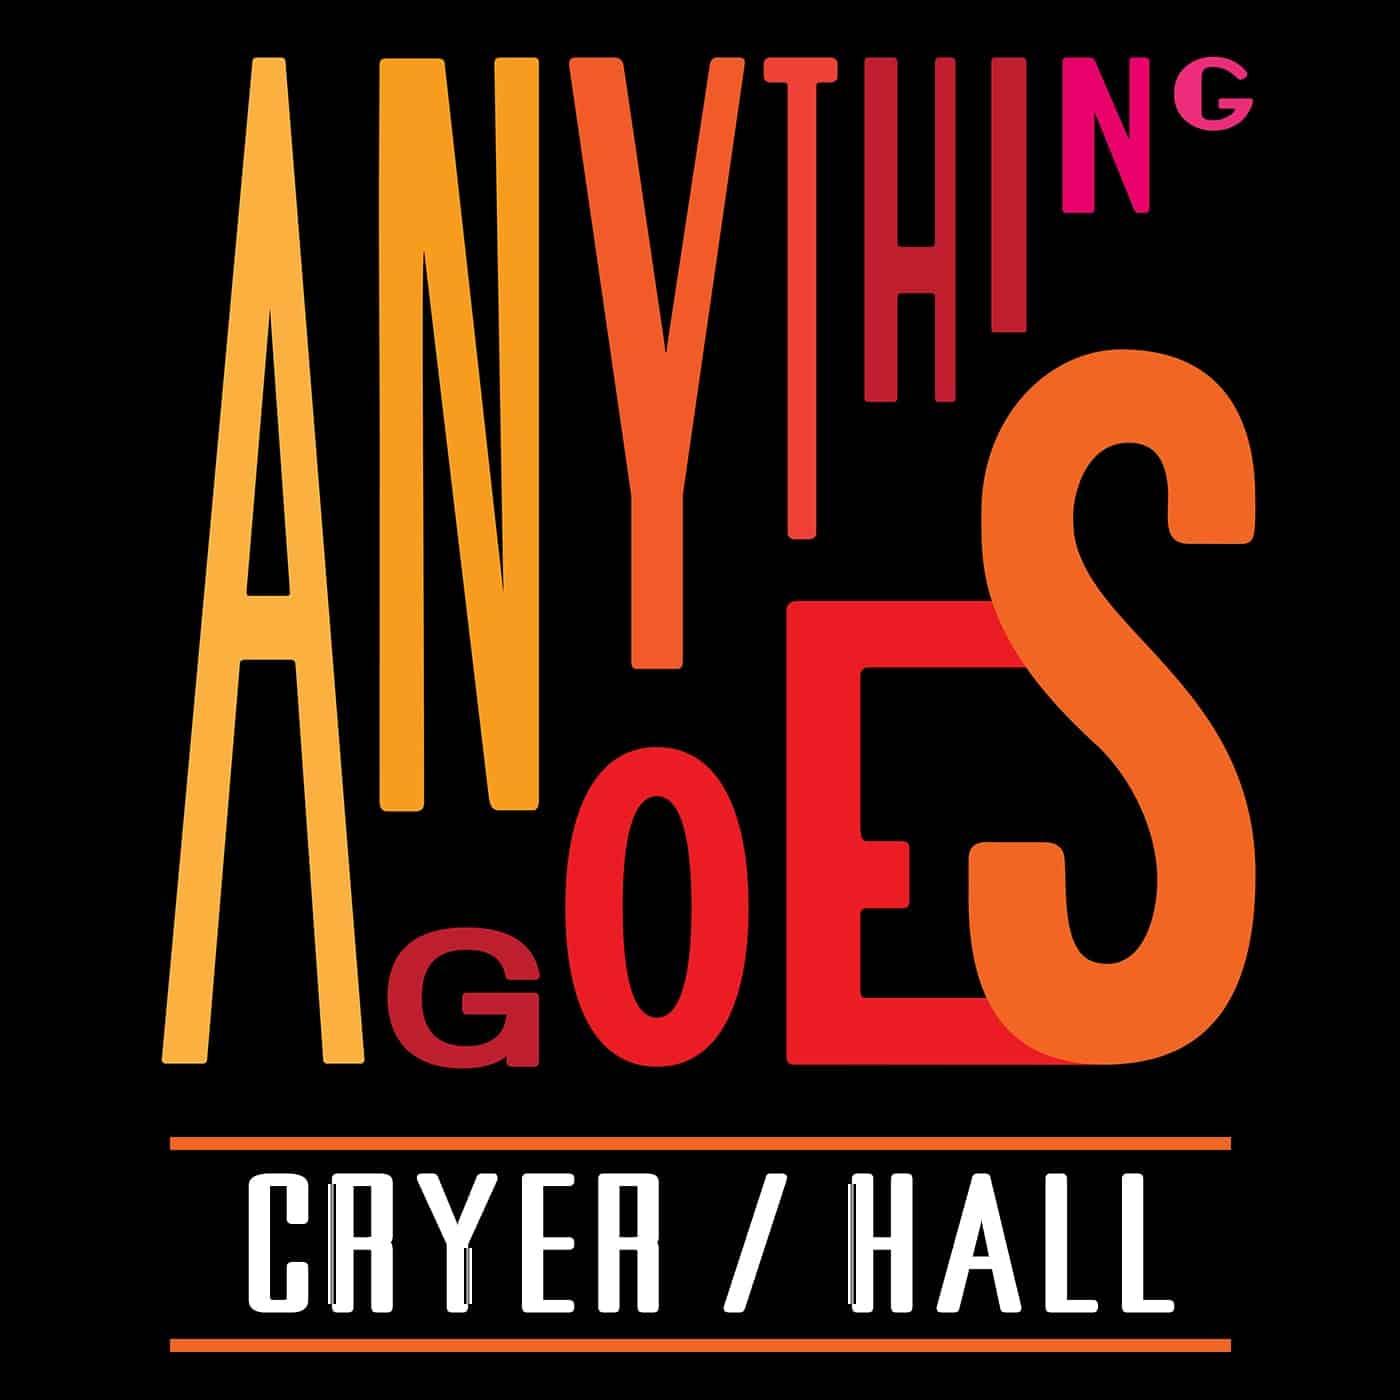 08 Gretchen Cryer / Carol Hall